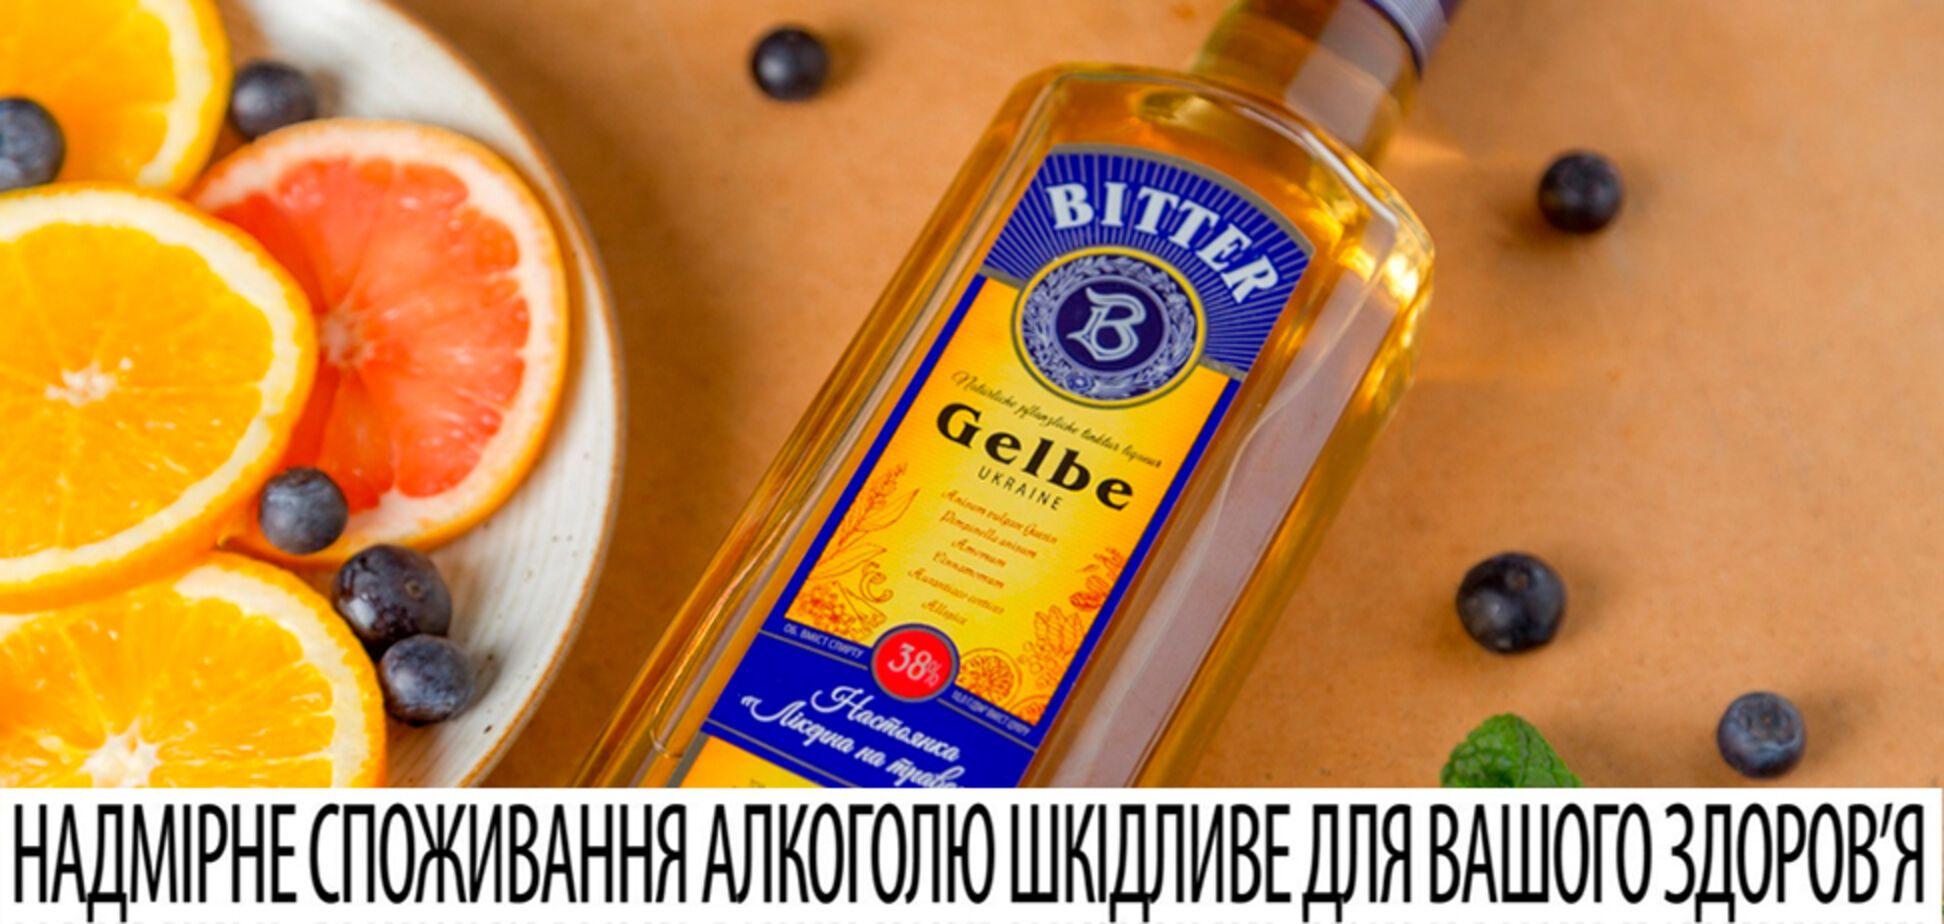 Напиток с ароматом полыни: история появления и правила употребления вермута